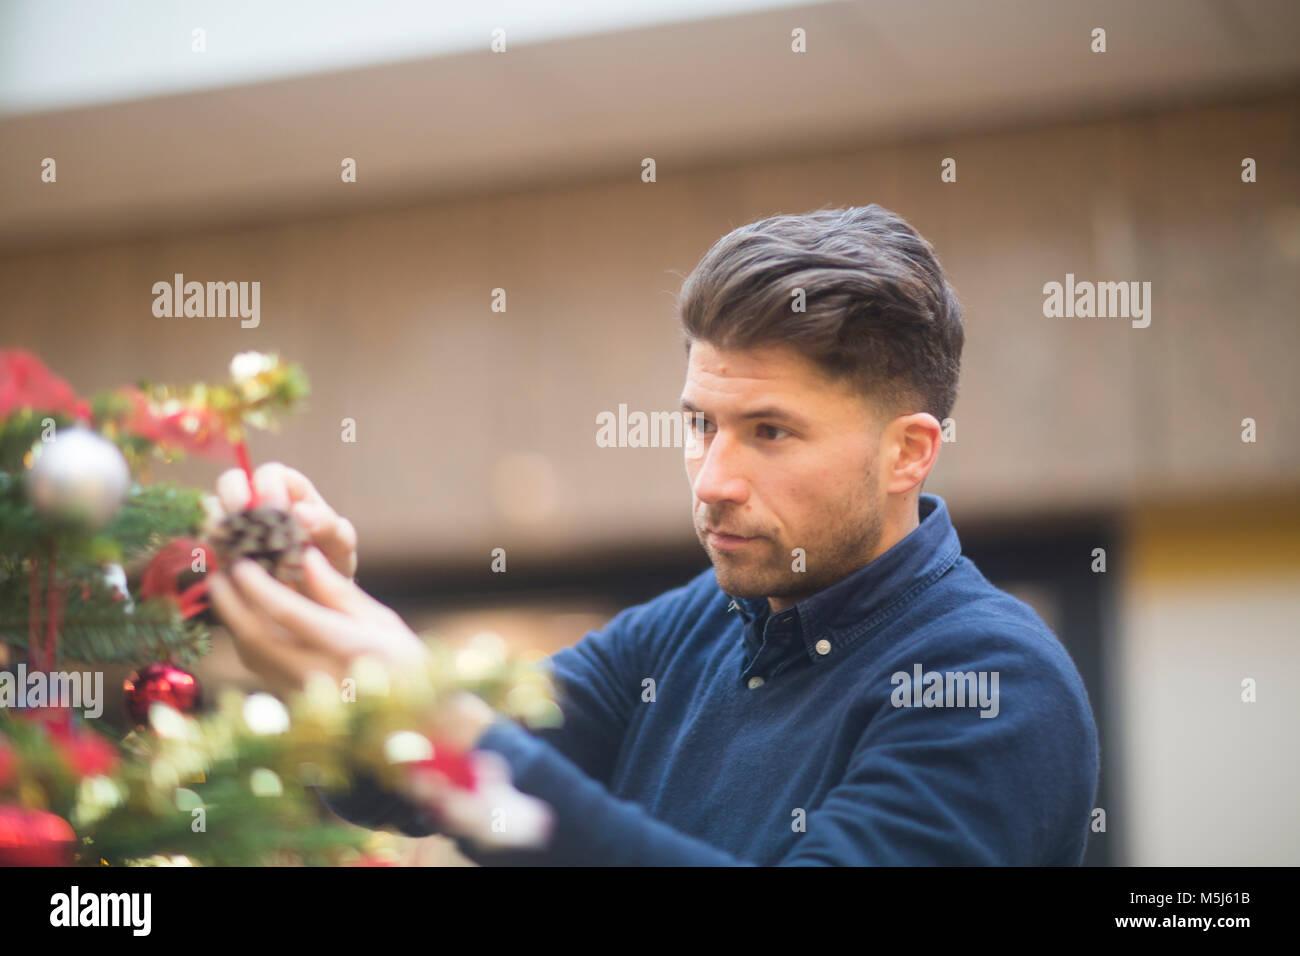 Porträt der Mann an Weihnachten Dekoration in einem Einkaufszentrum auf der Suche Stockbild